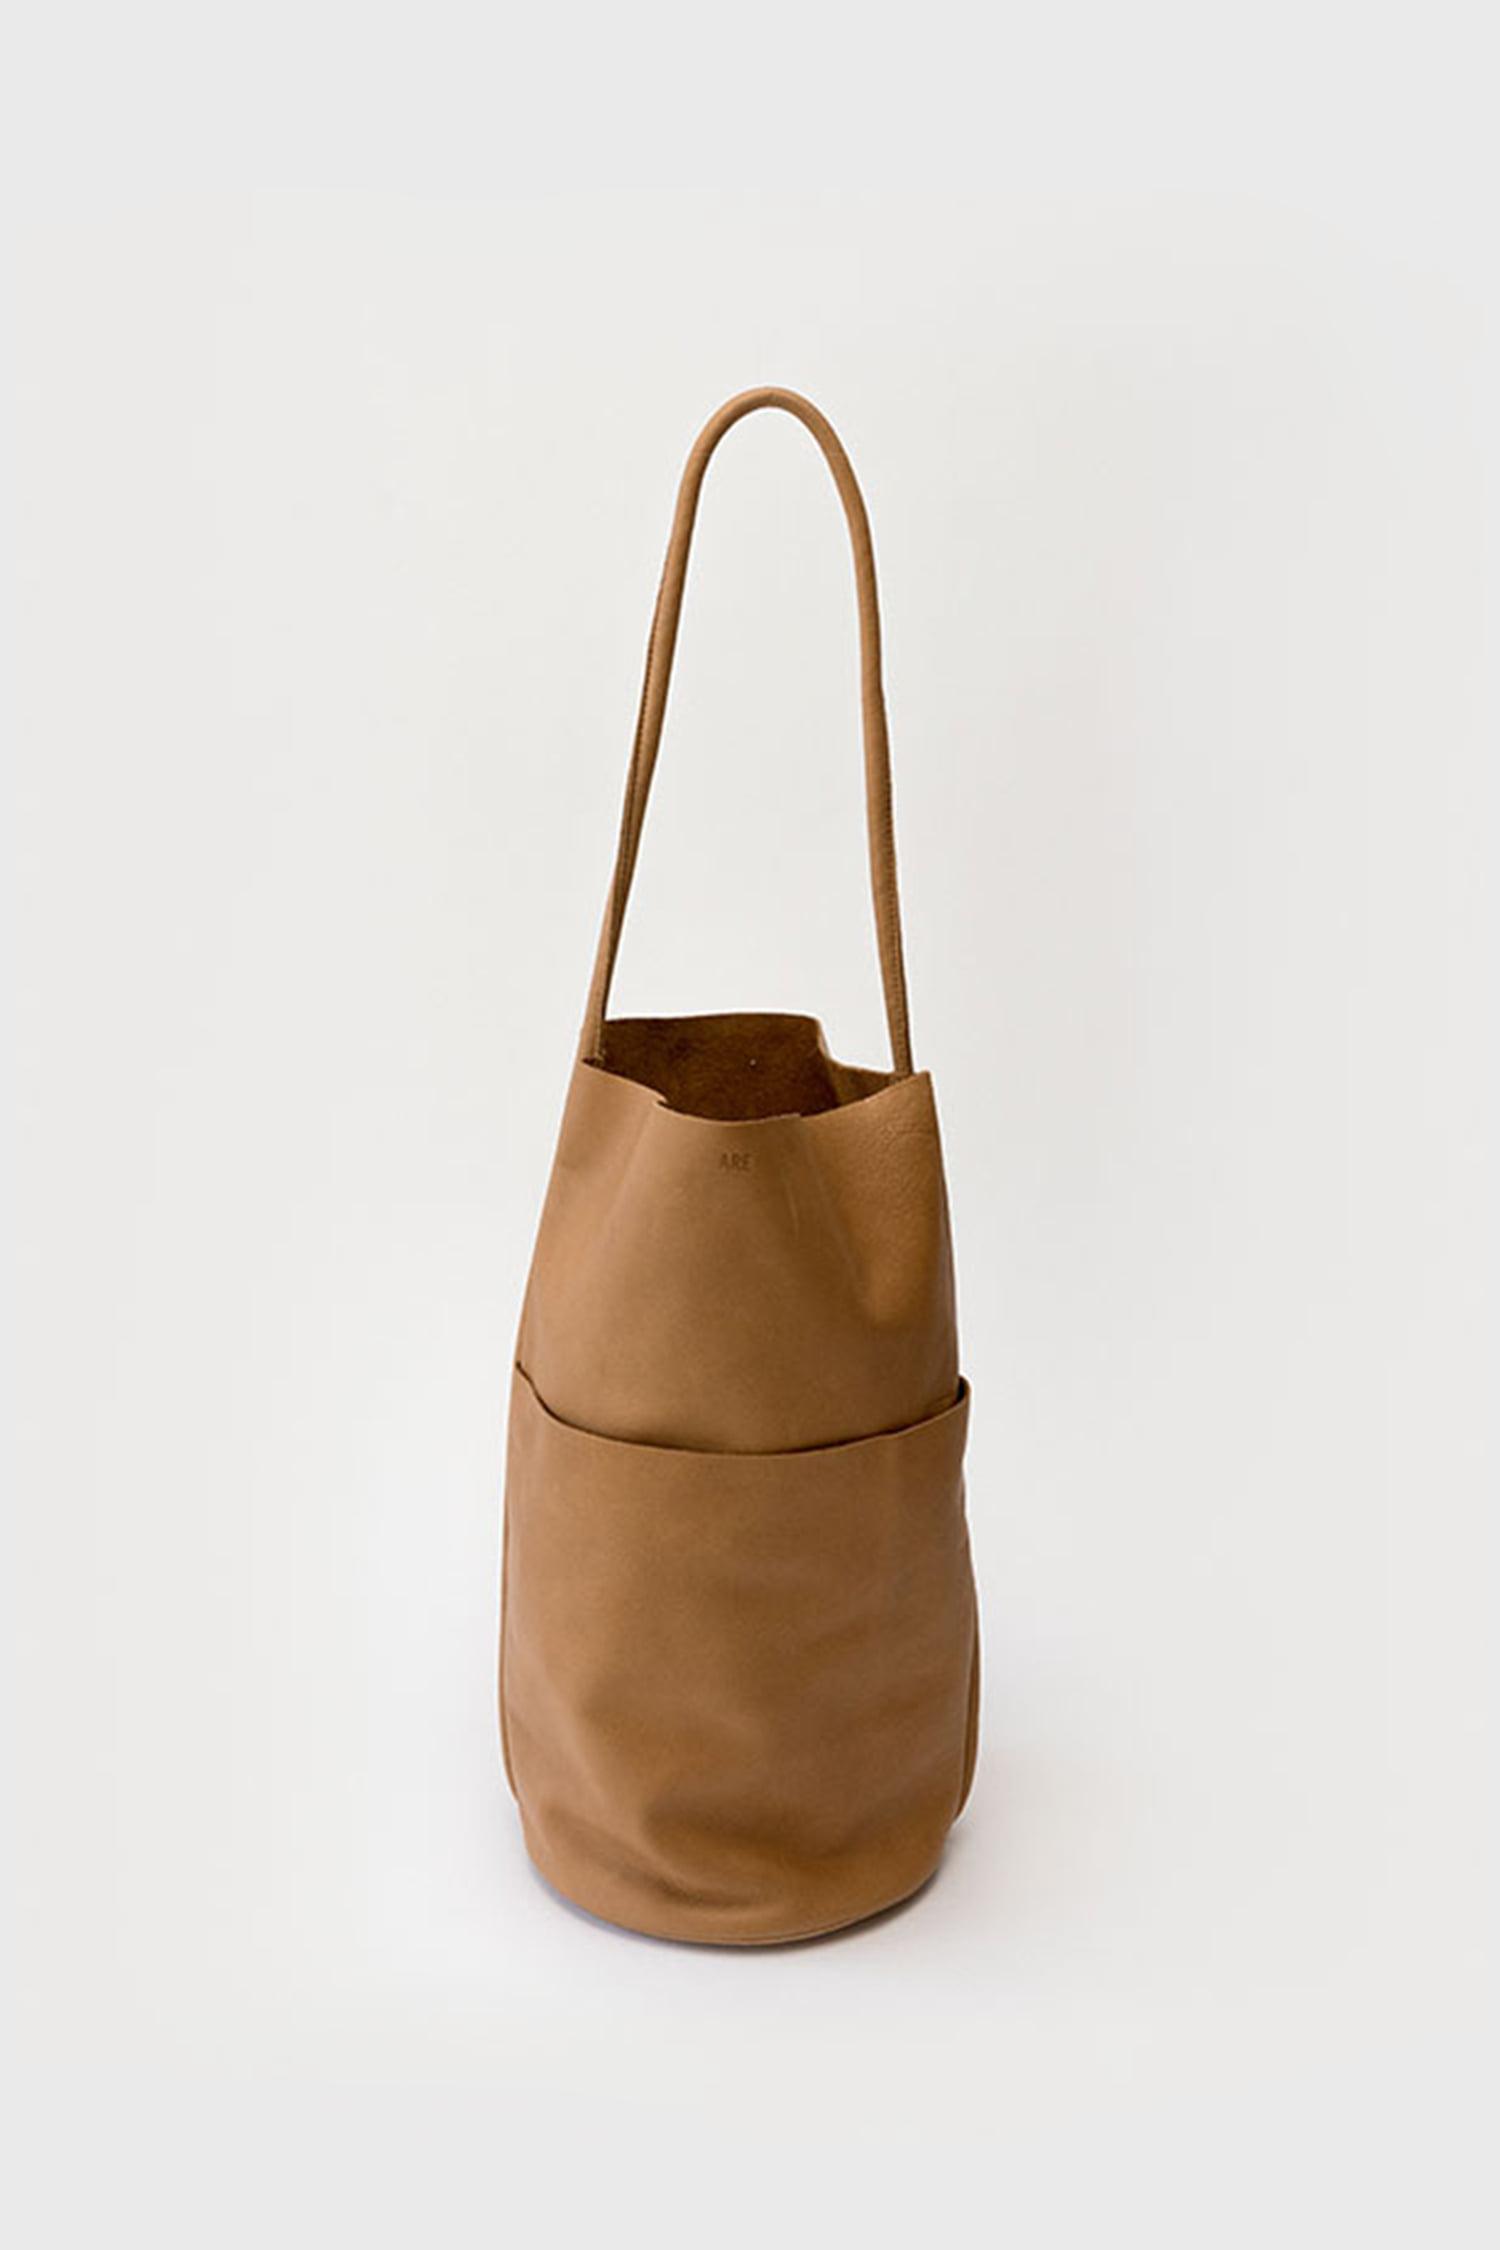 Buoy Bag Sand